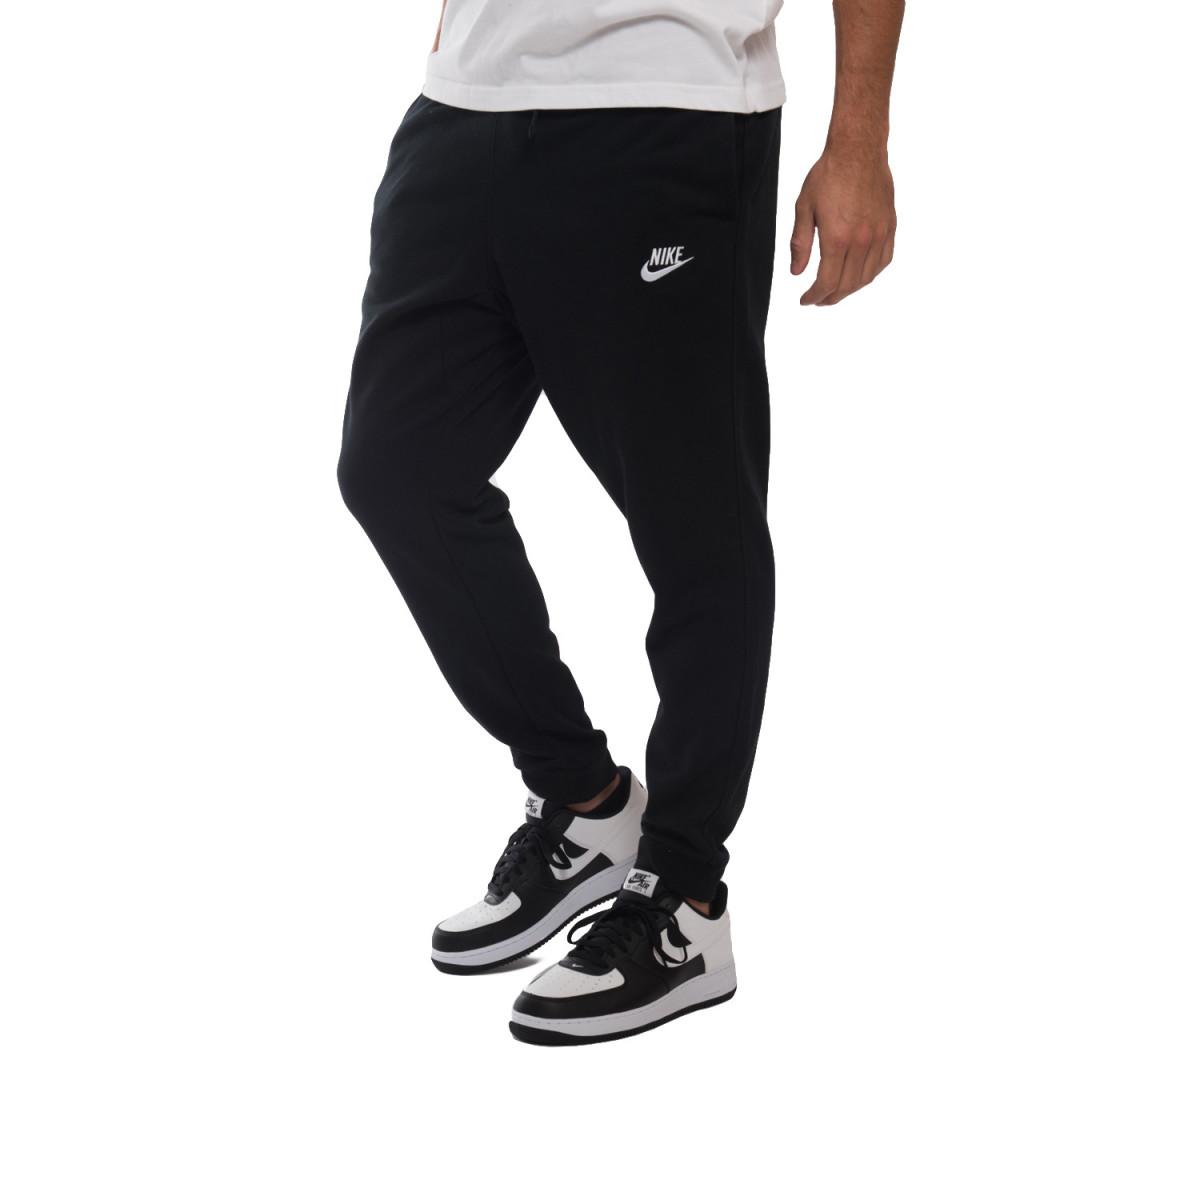 quality design 95ad0 5d4e9 Pantalon Nike Nsw Jogger Ft